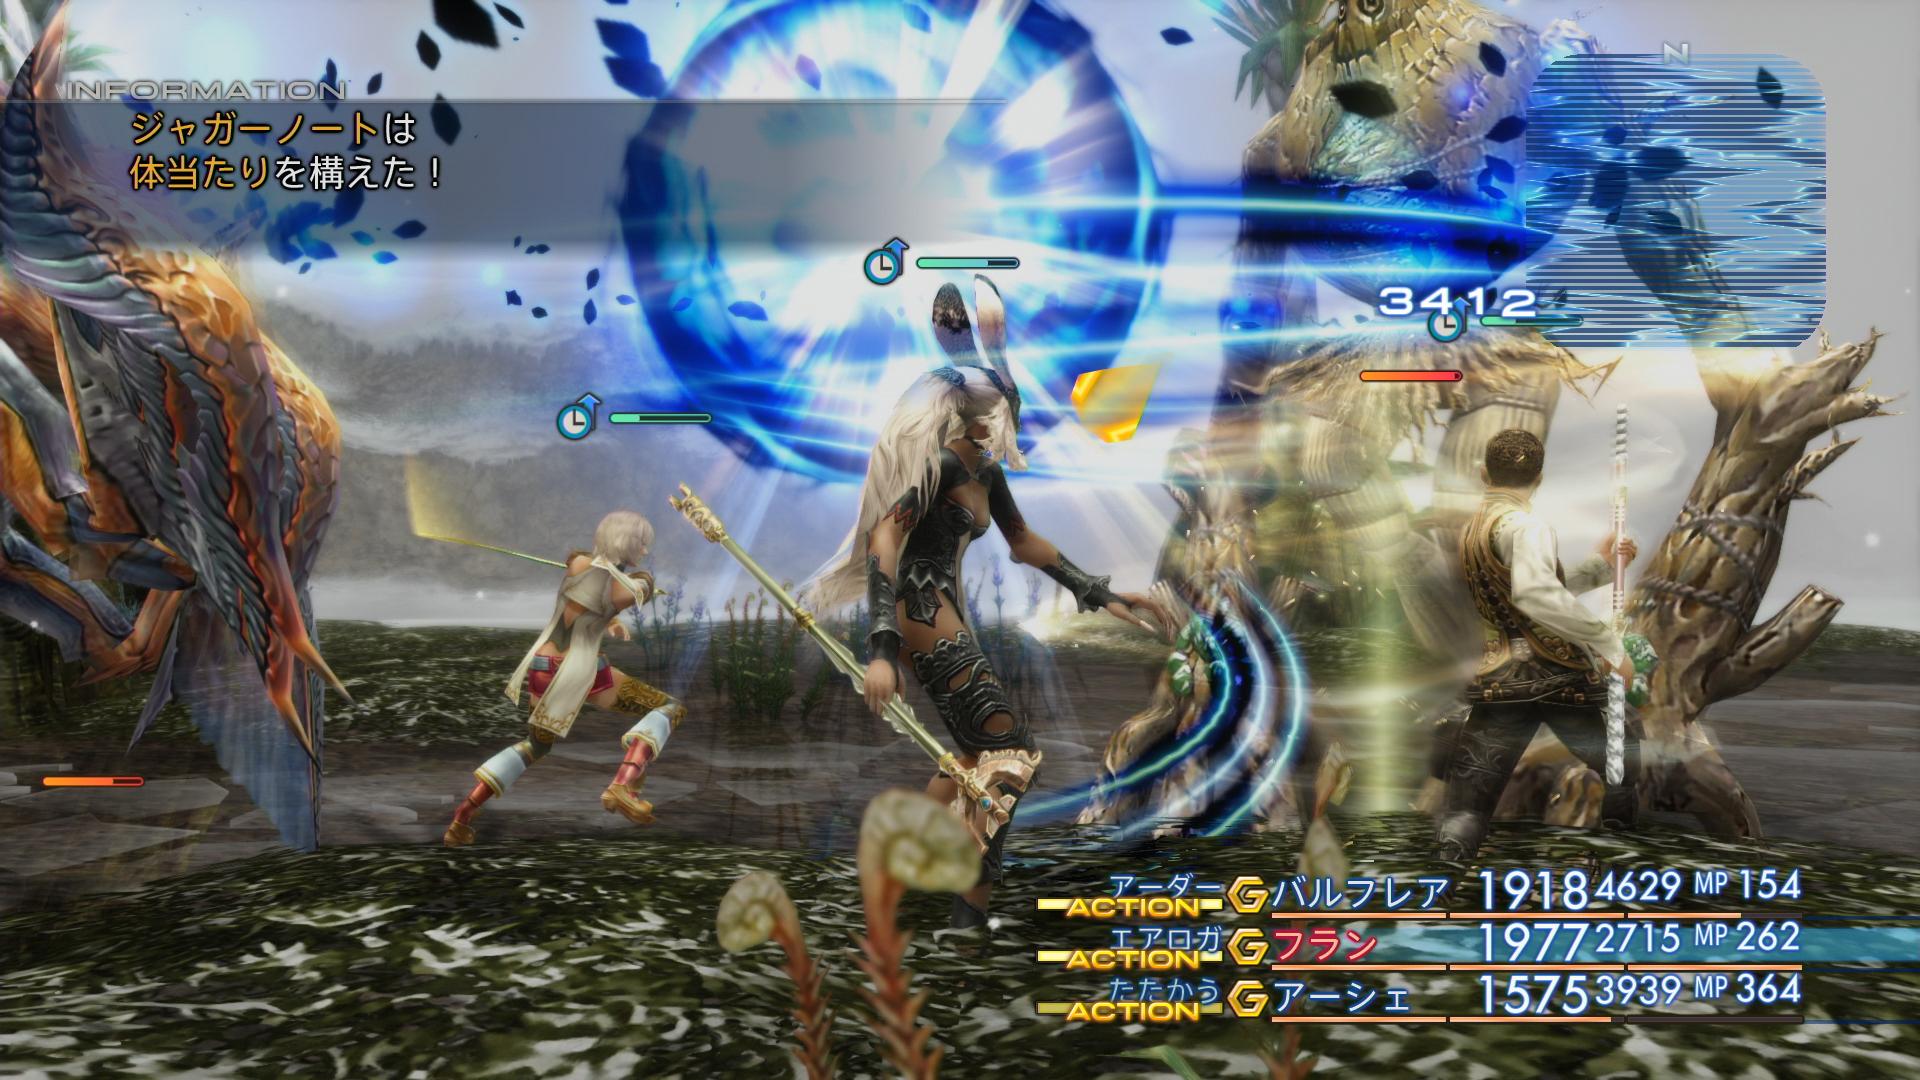 優先的に行ないたいアクションは、スピードの速いキャラクターに行動させると効率的。装備や魔法によってスピードを速め、強敵を相手に有利に戦うことができる